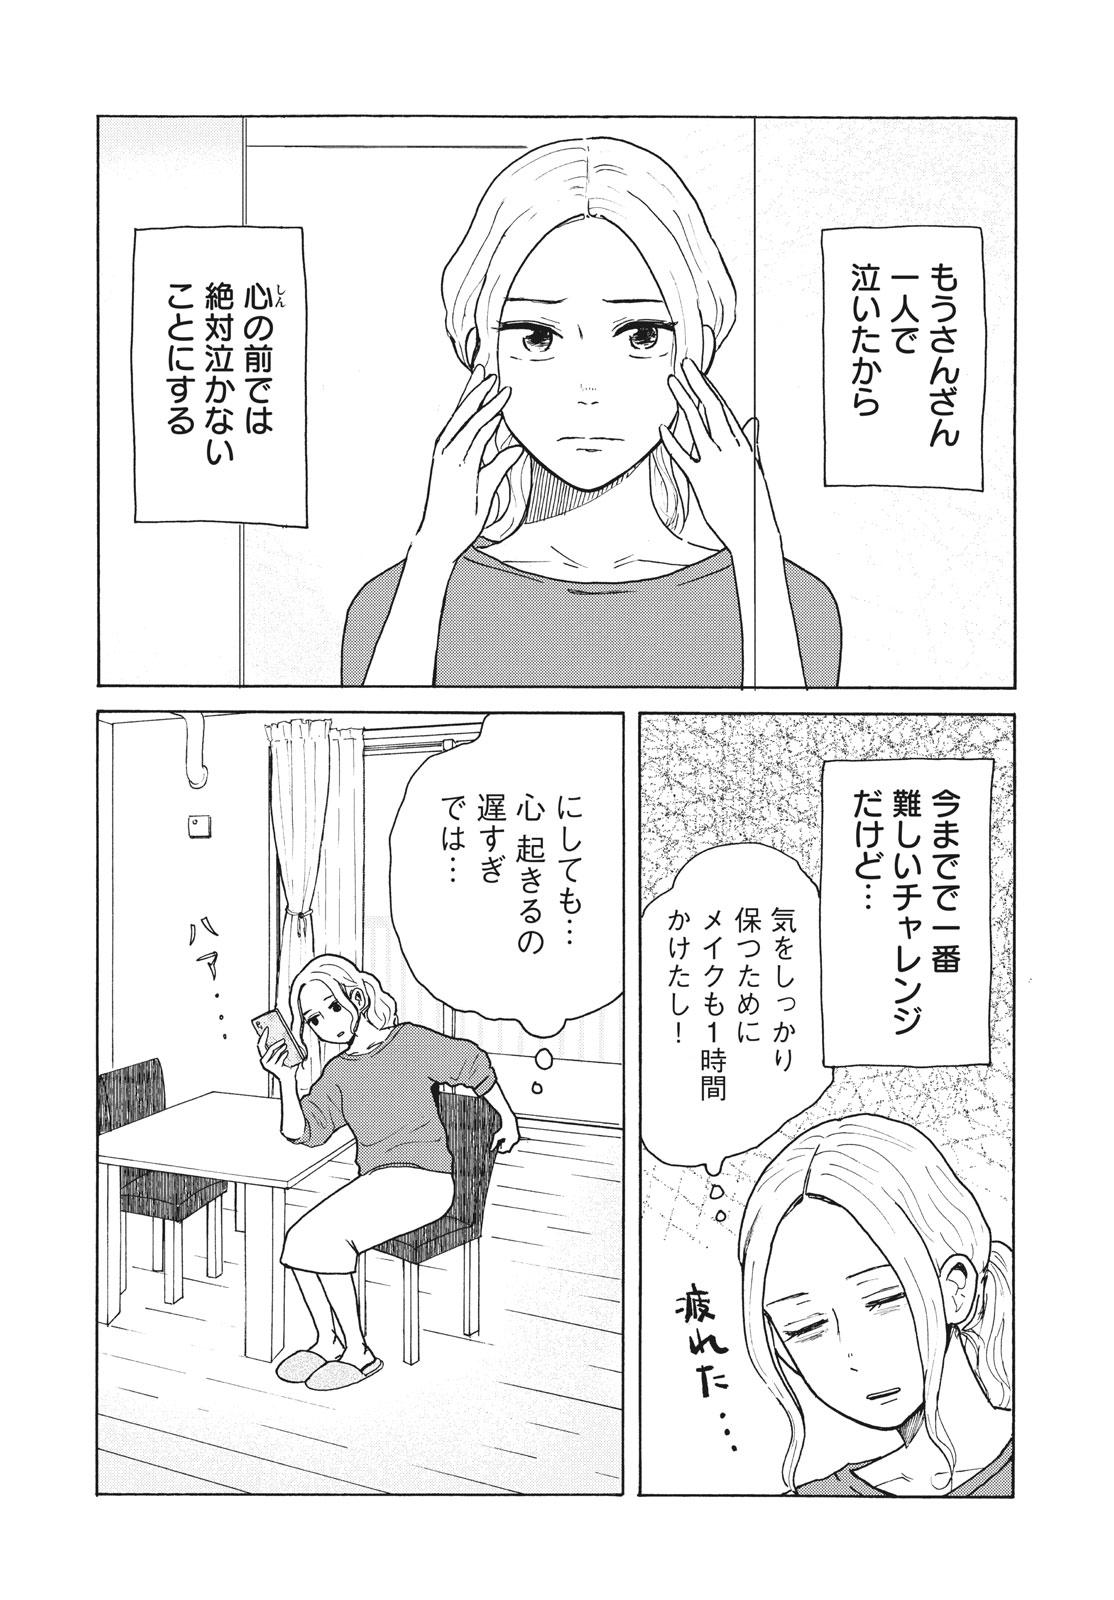 002_30譌・_2020_009_E.jpg